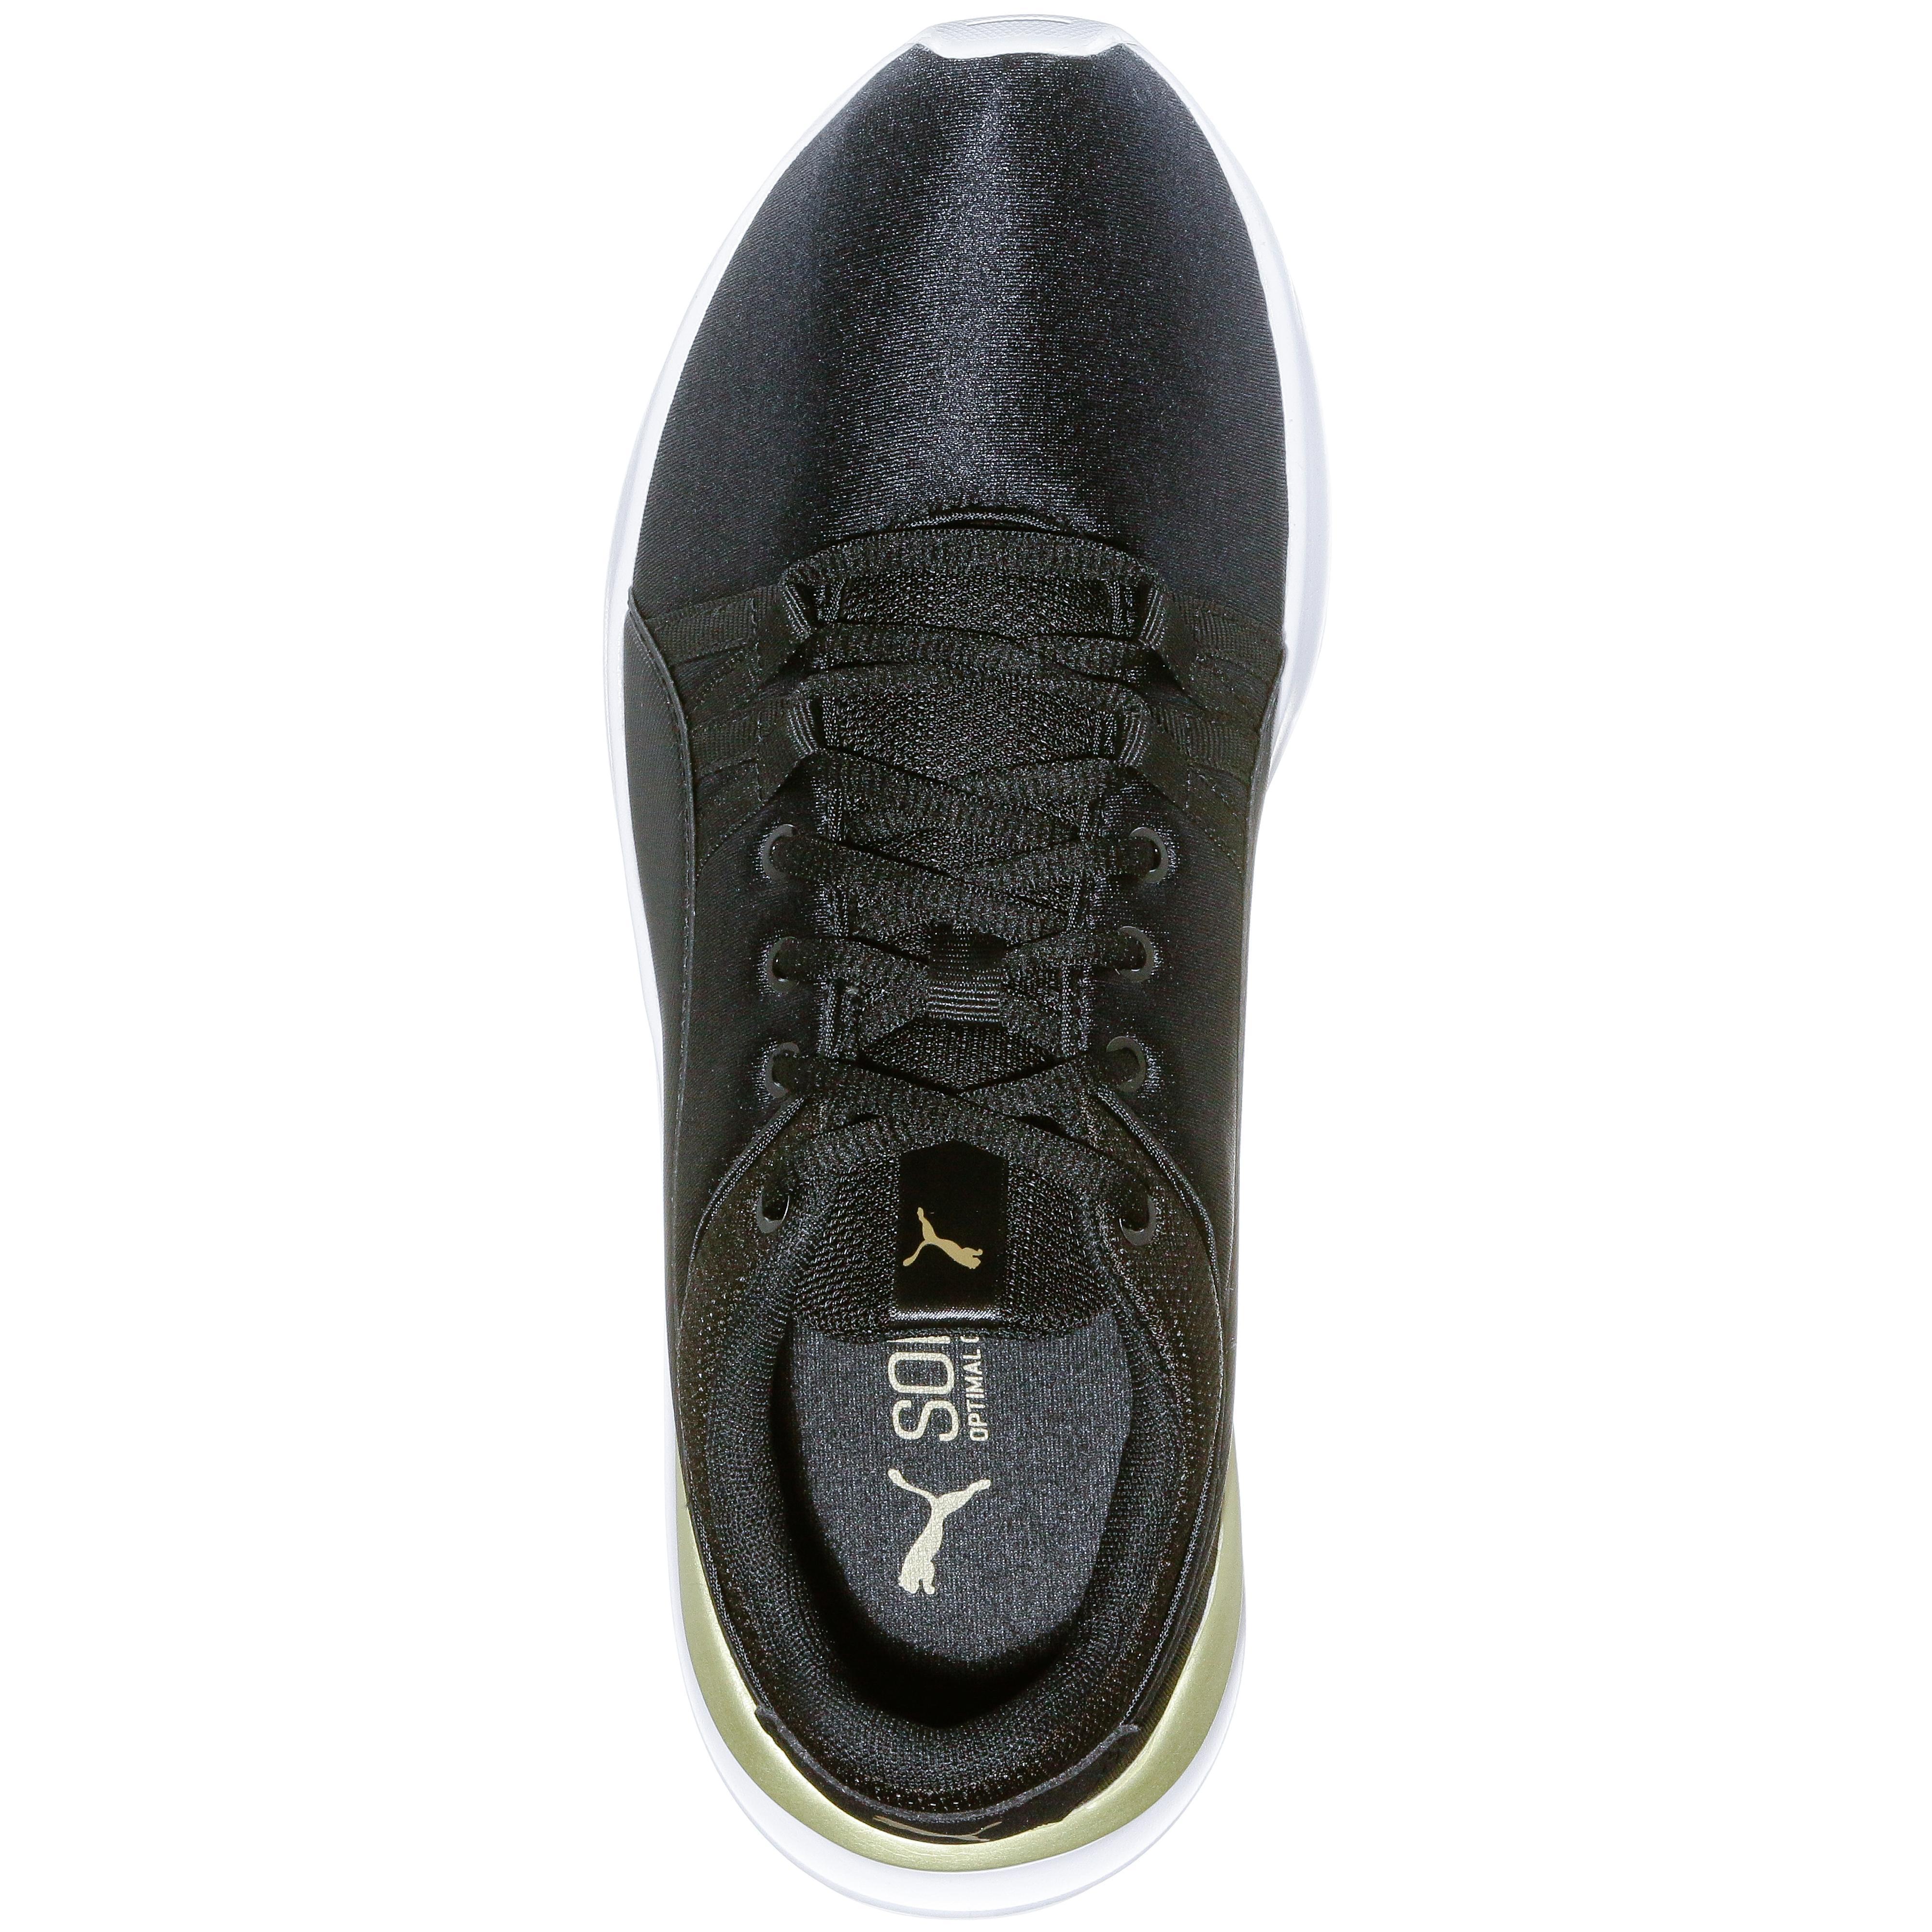 PUMA Adela Fitnessschuhe Damen puma schwarz-puma schwarz-puma schwarz-puma schwarz im Online Shop von SportScheck kaufen Gute Qualität beliebte Schuhe b63e90